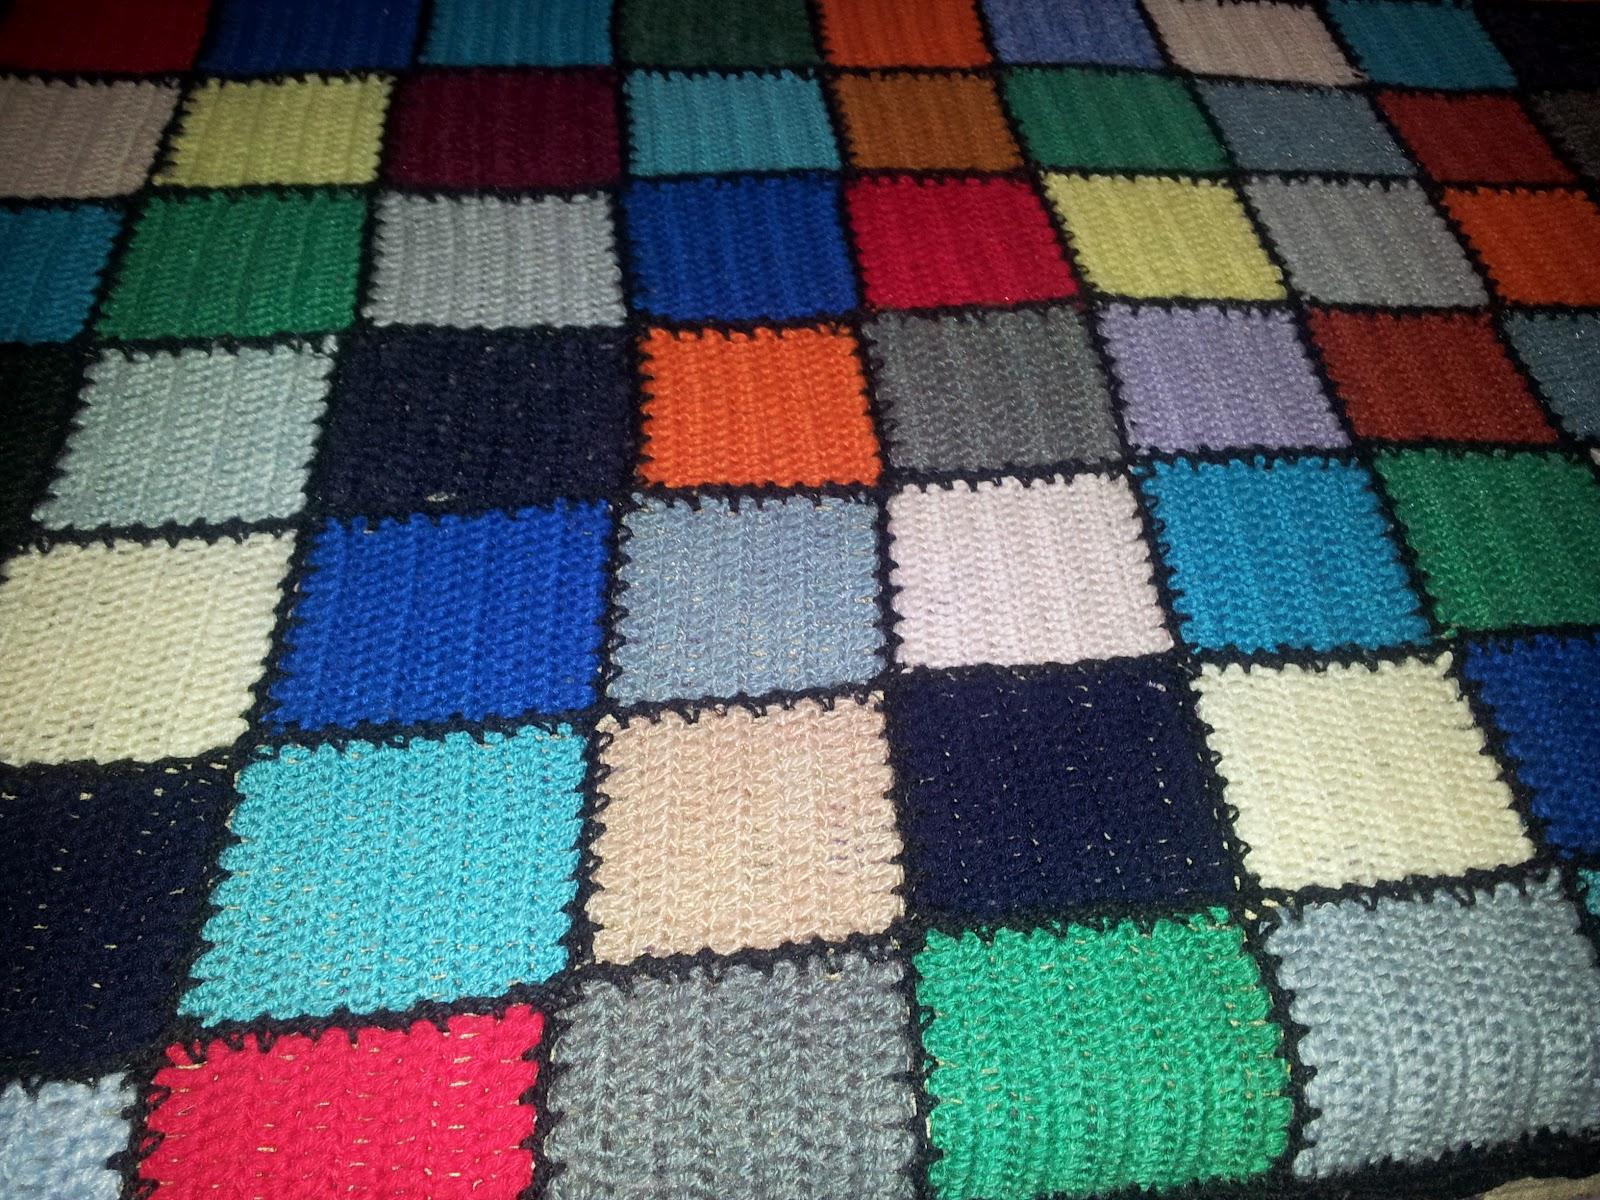 Leo y mjs labores manta ganchillo cuadrados - Mantas ganchillo colores ...